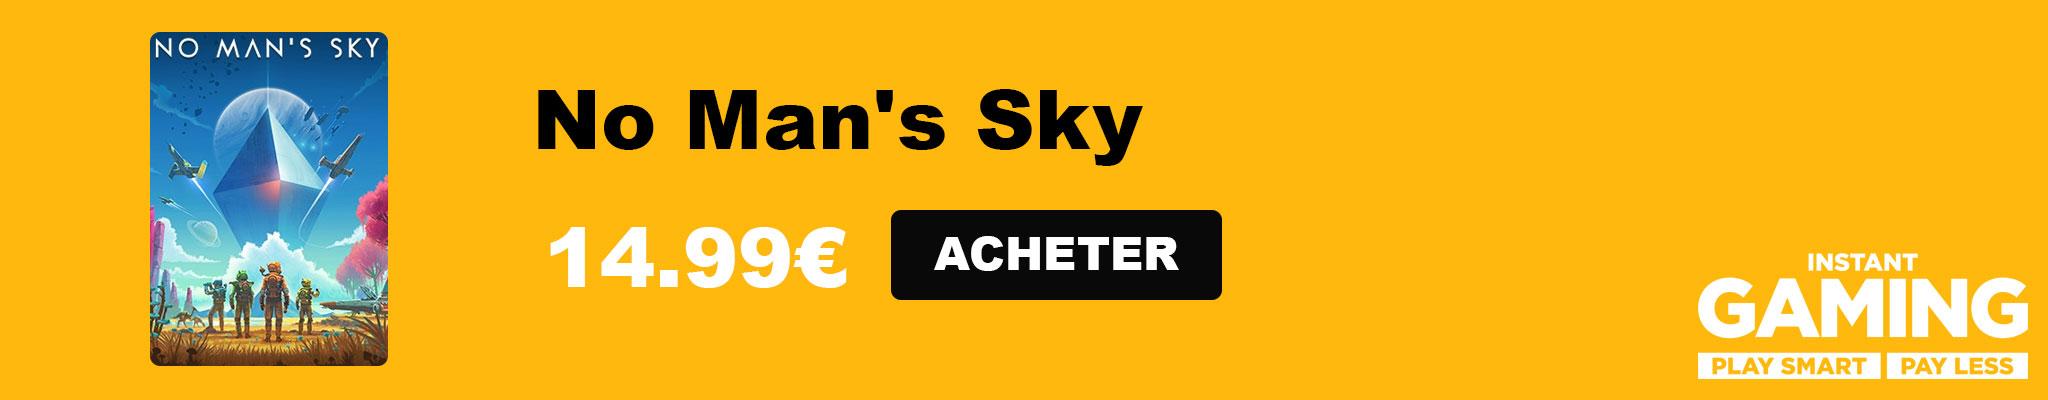 no-man's-sky-banner-pub-clicks-and-games